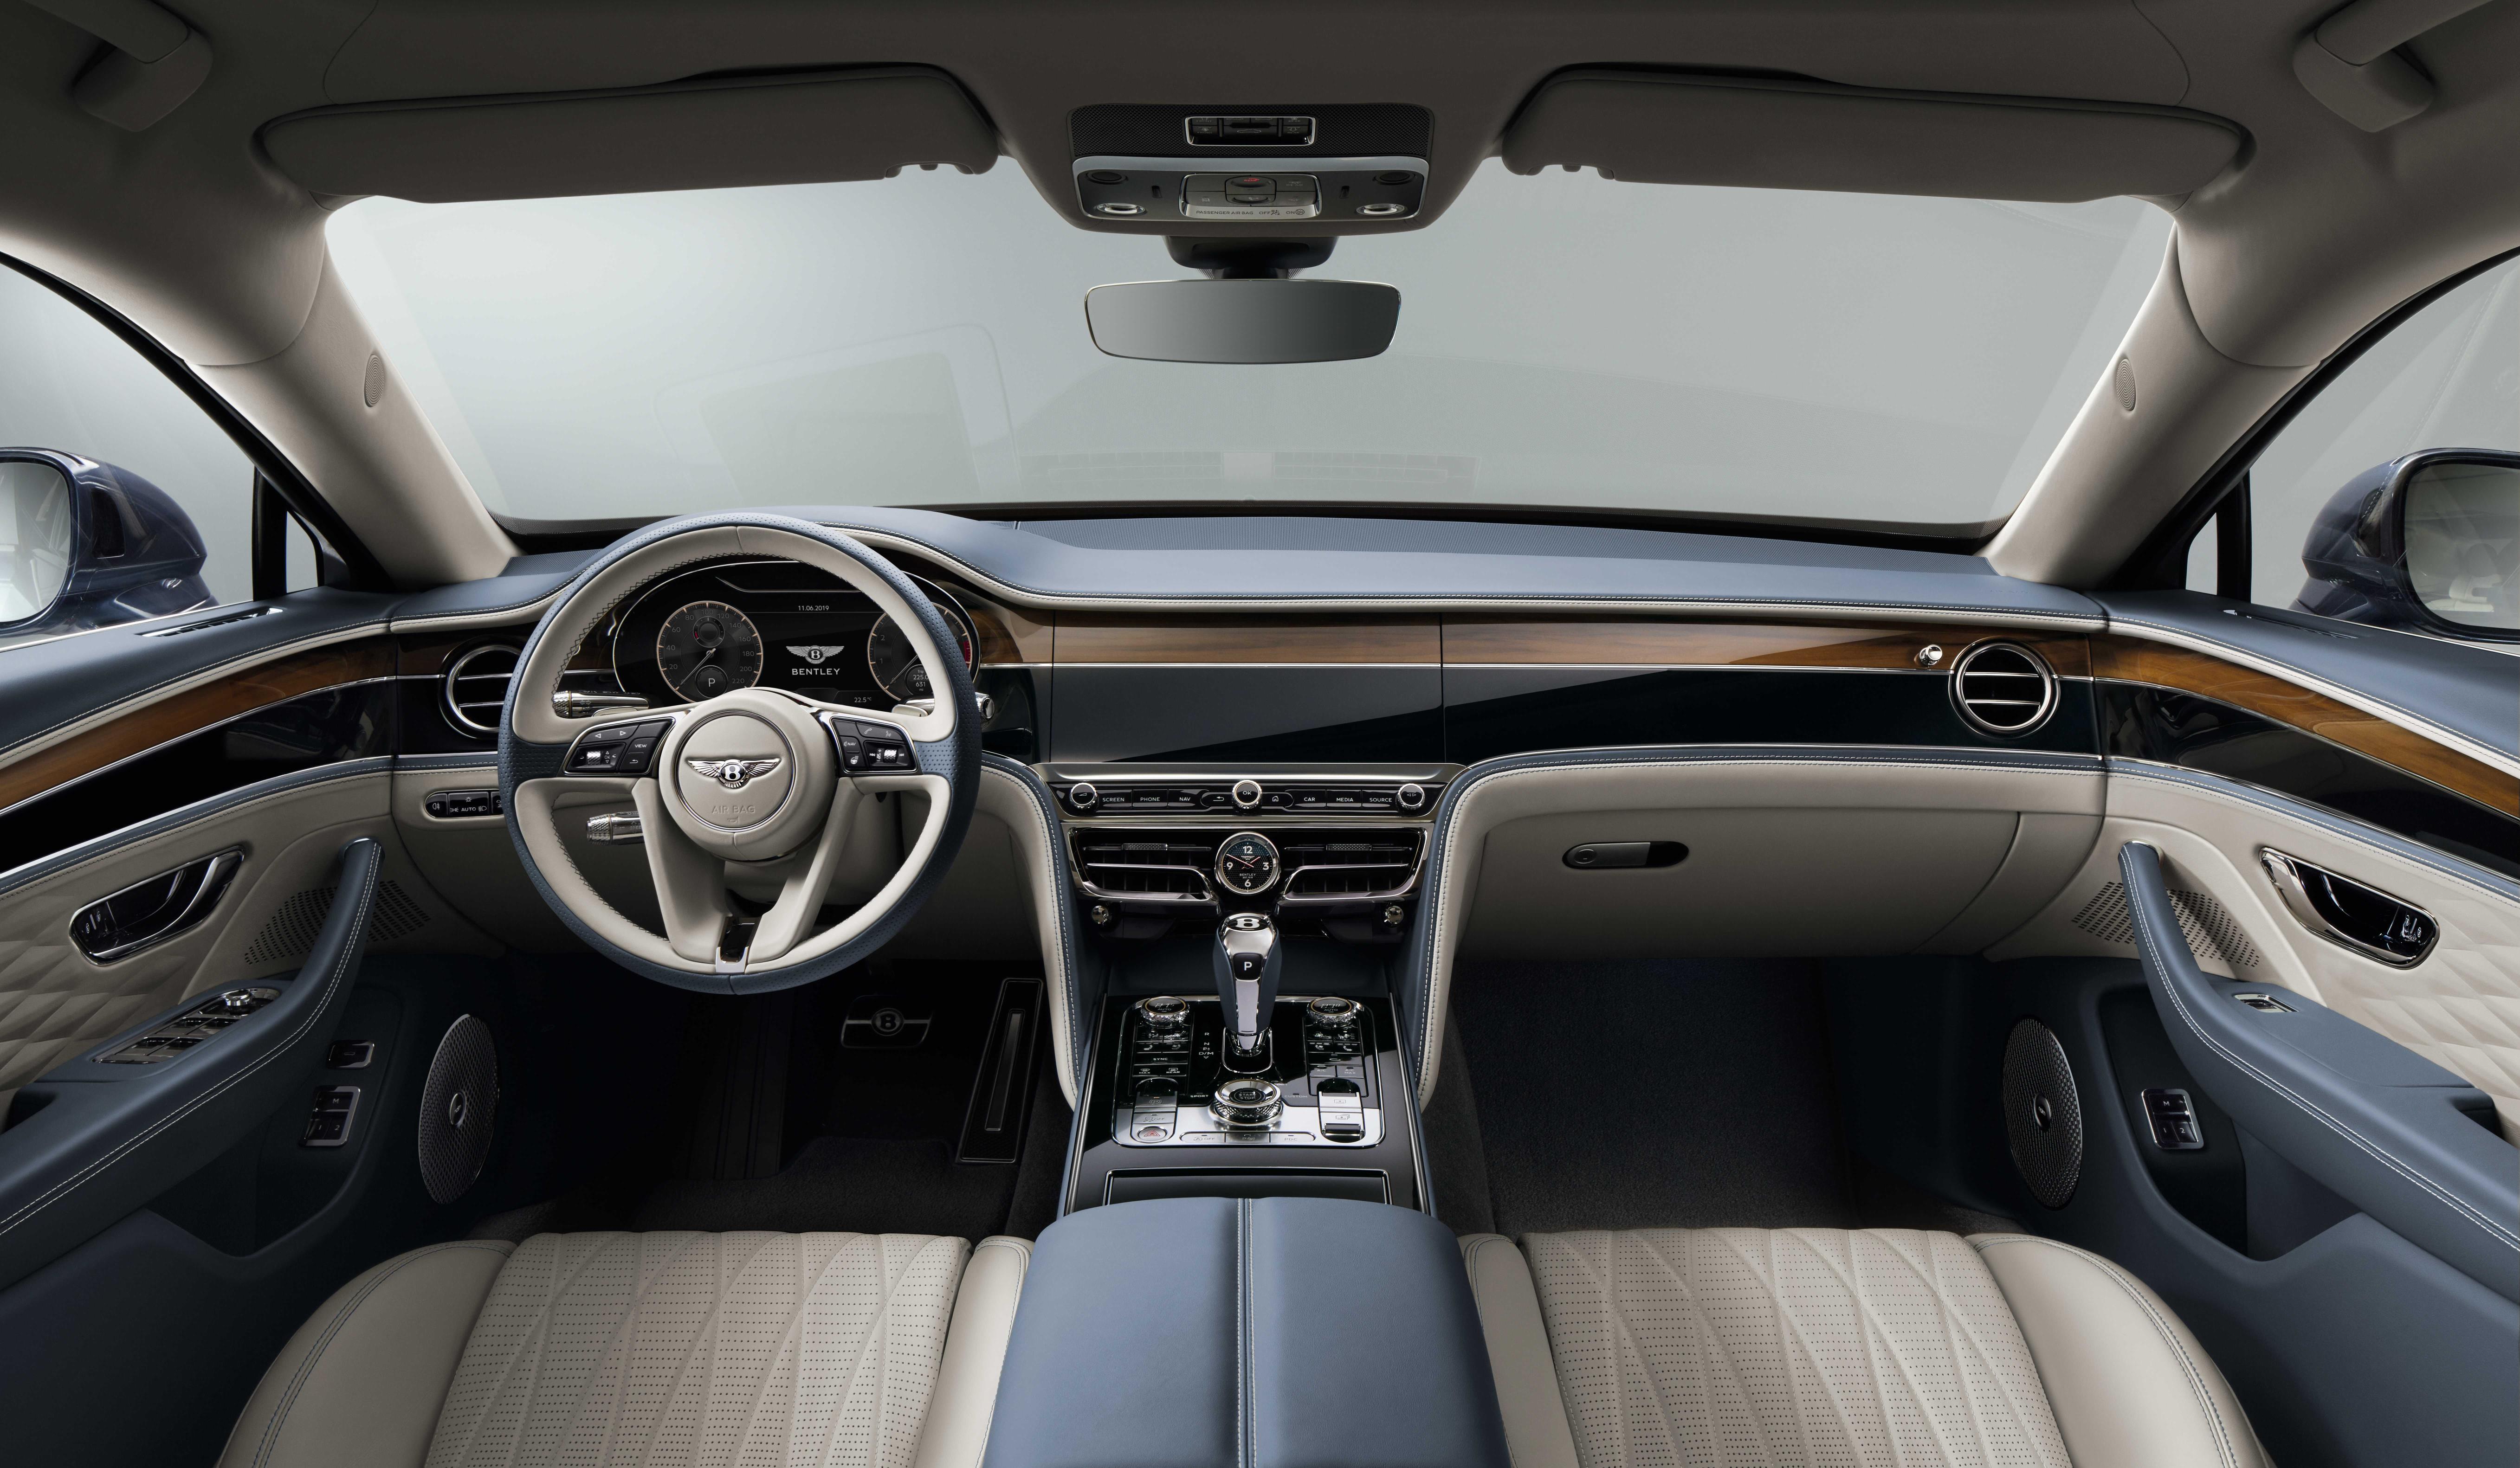 2020 Bentley Flying Spur Interior